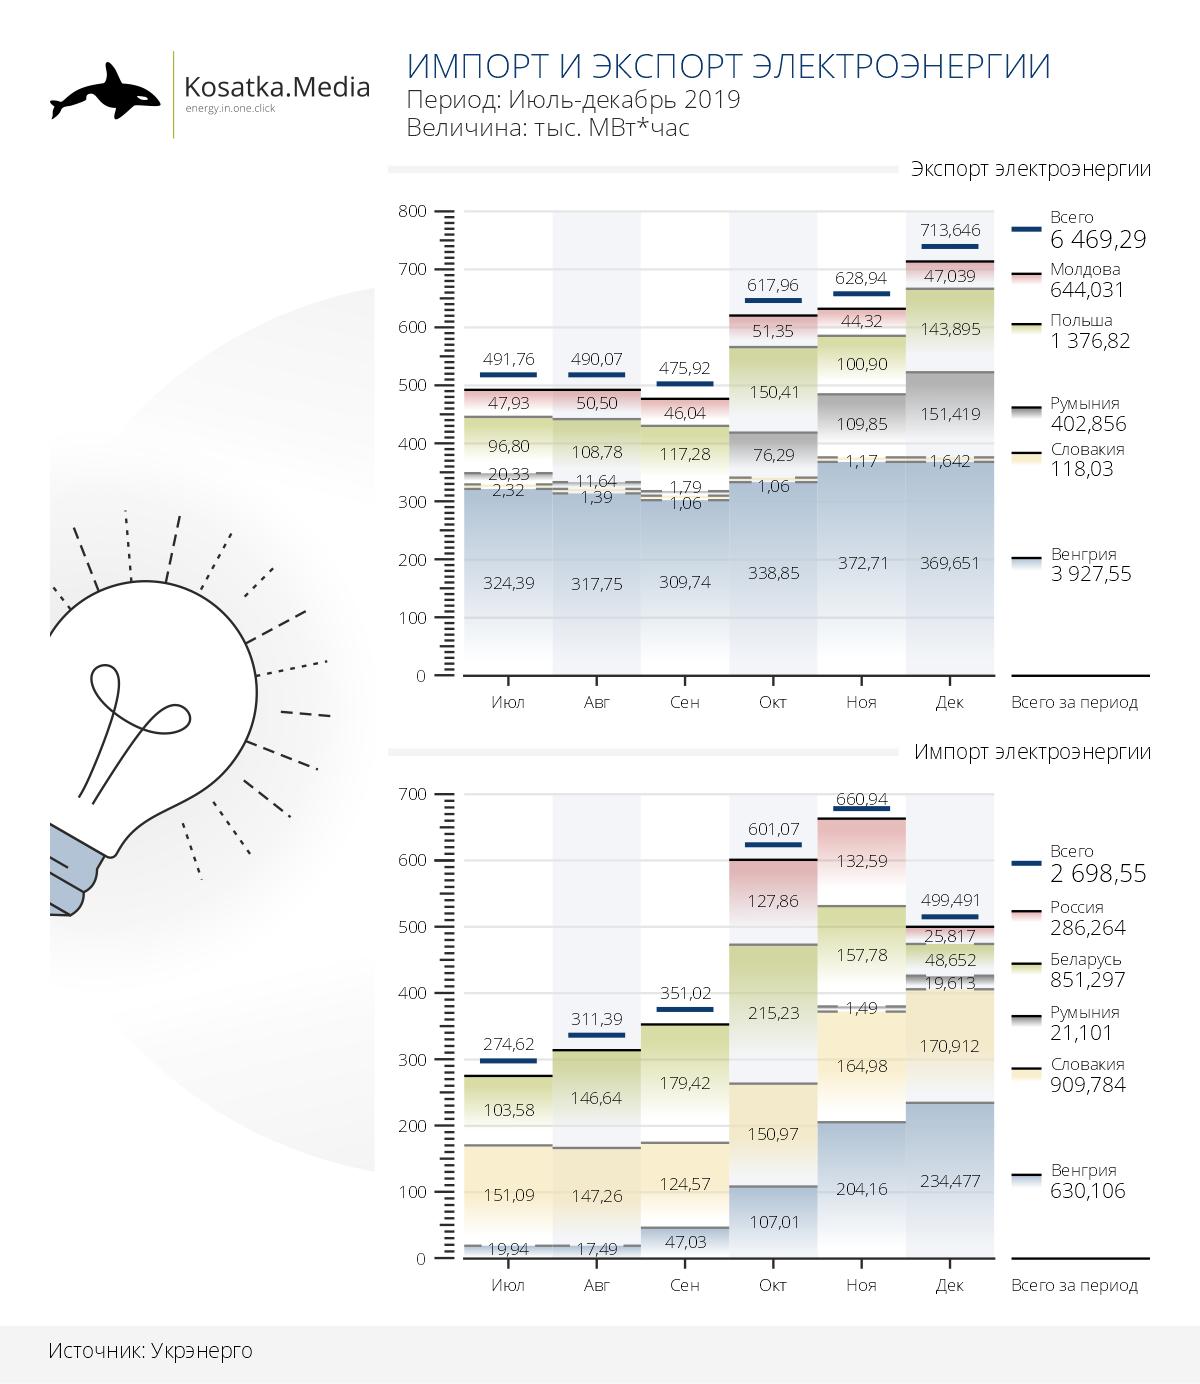 Экспорт электроэнергии из Украины вырос в 2019 году на 4,9%